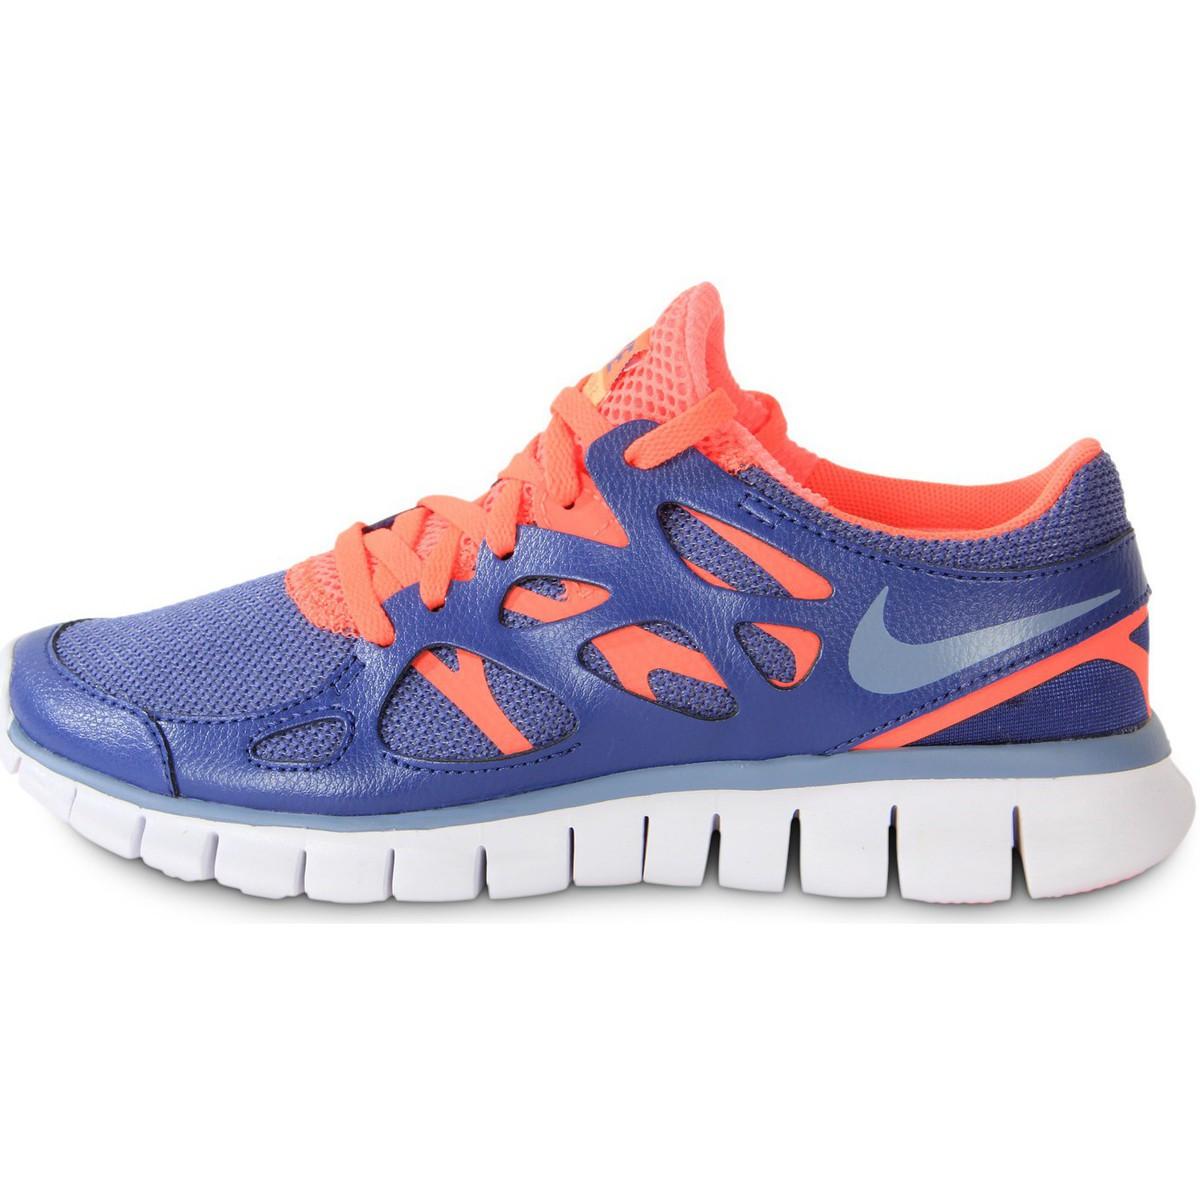 Nike Free Run damessneaker blauw en multicolor